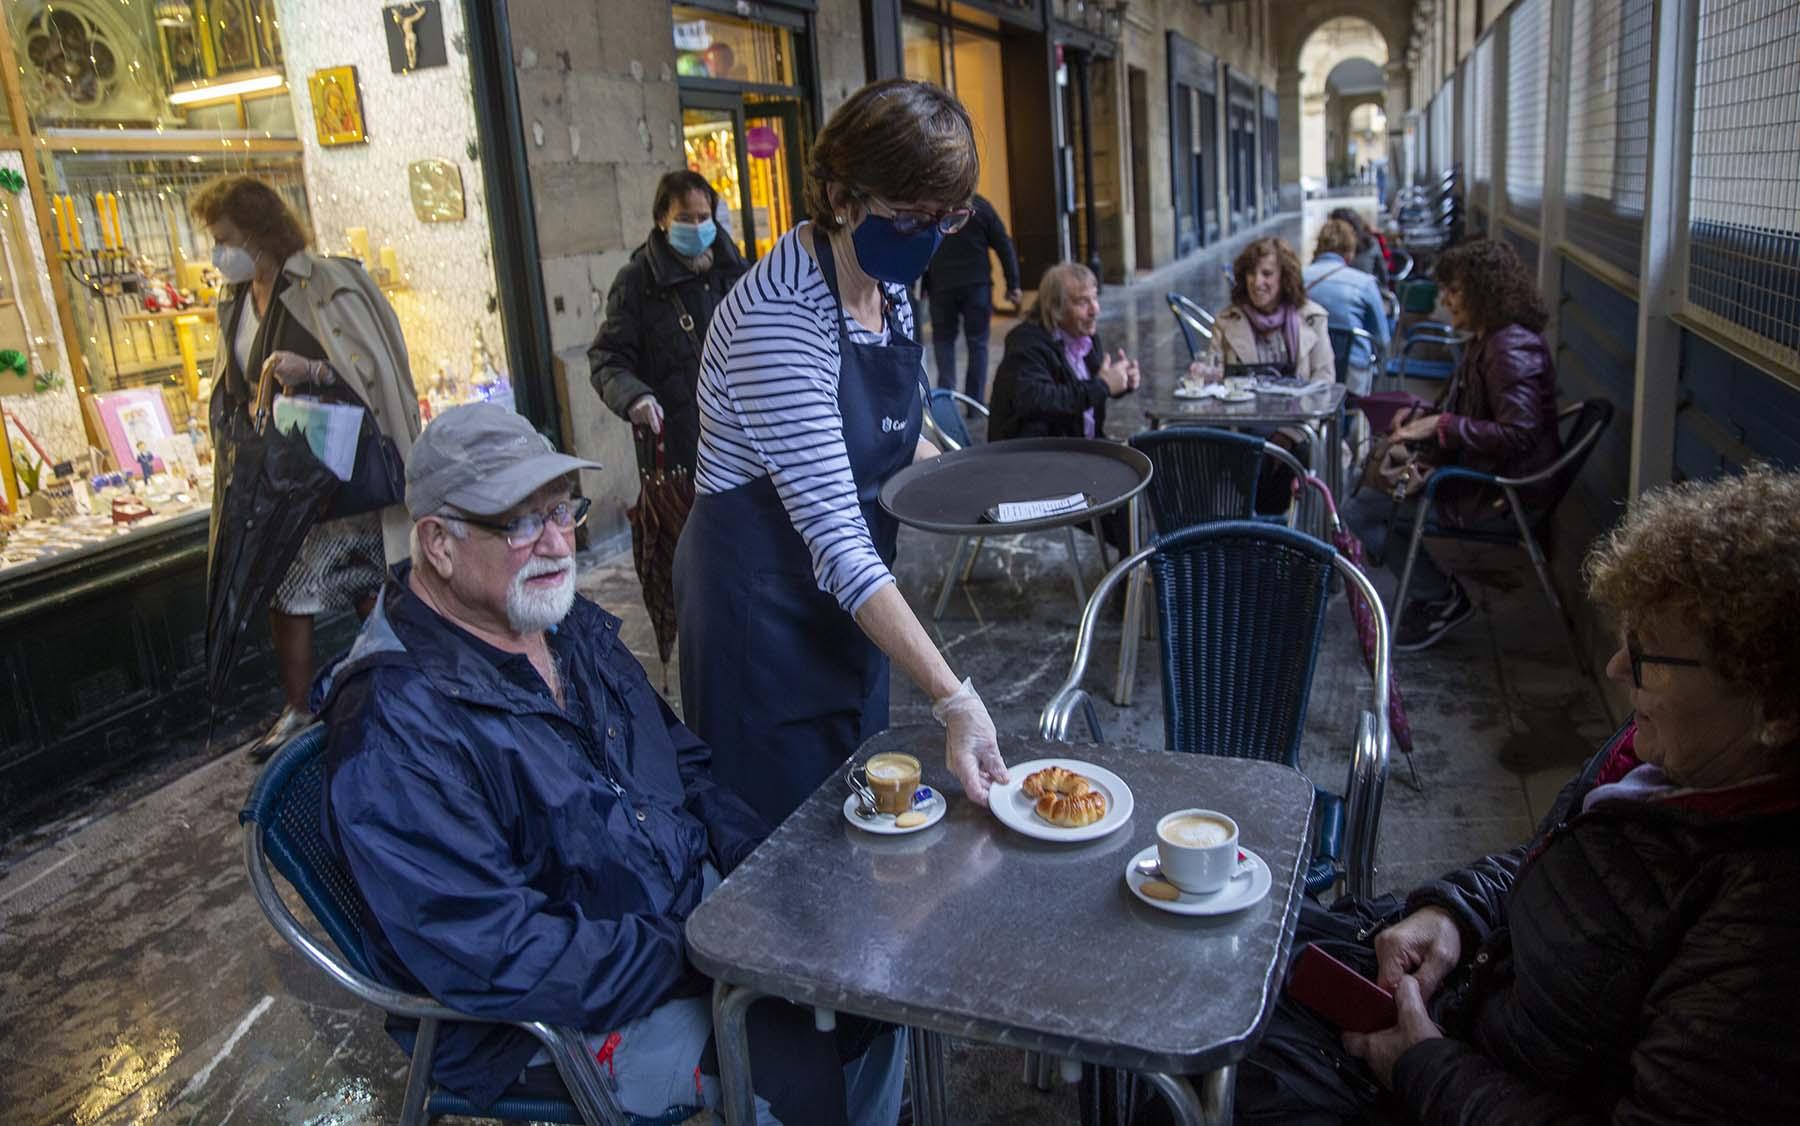 Euskadi Mantiene La Restriccion A Moverse Fuera Del Municipio Sociedad El Pais